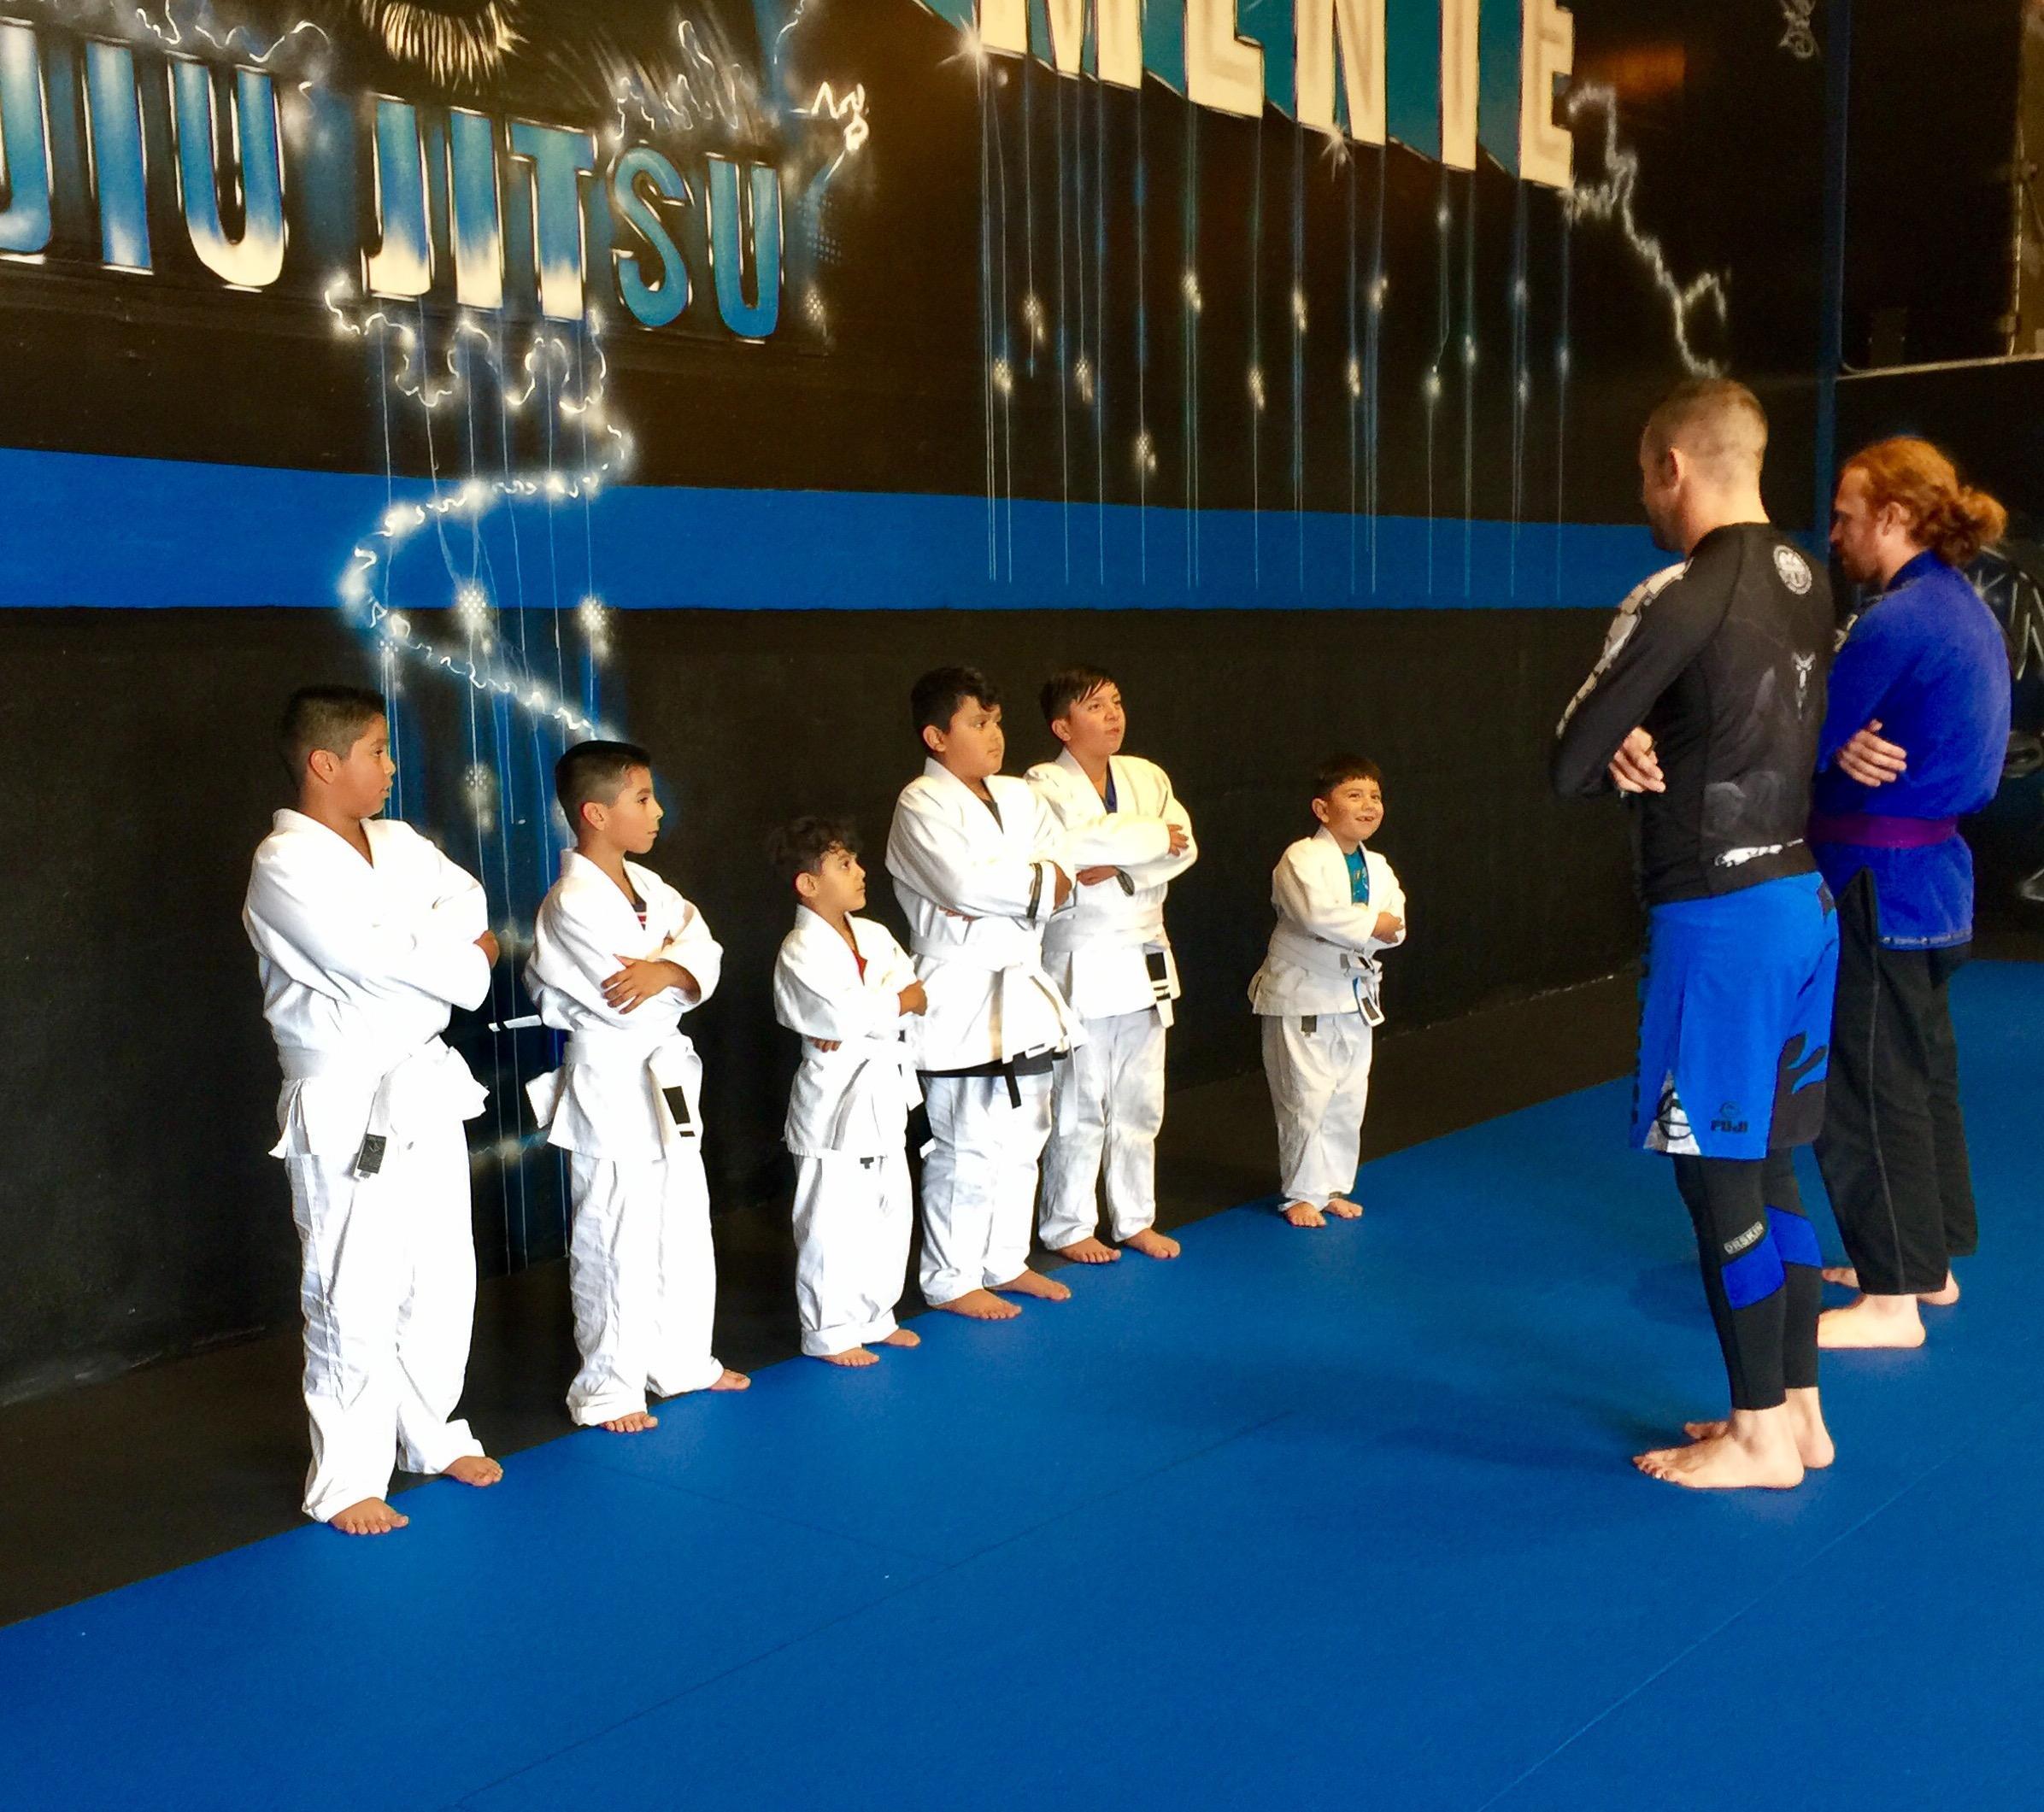 Nova Mente Jiu Jitsu Academy image 3